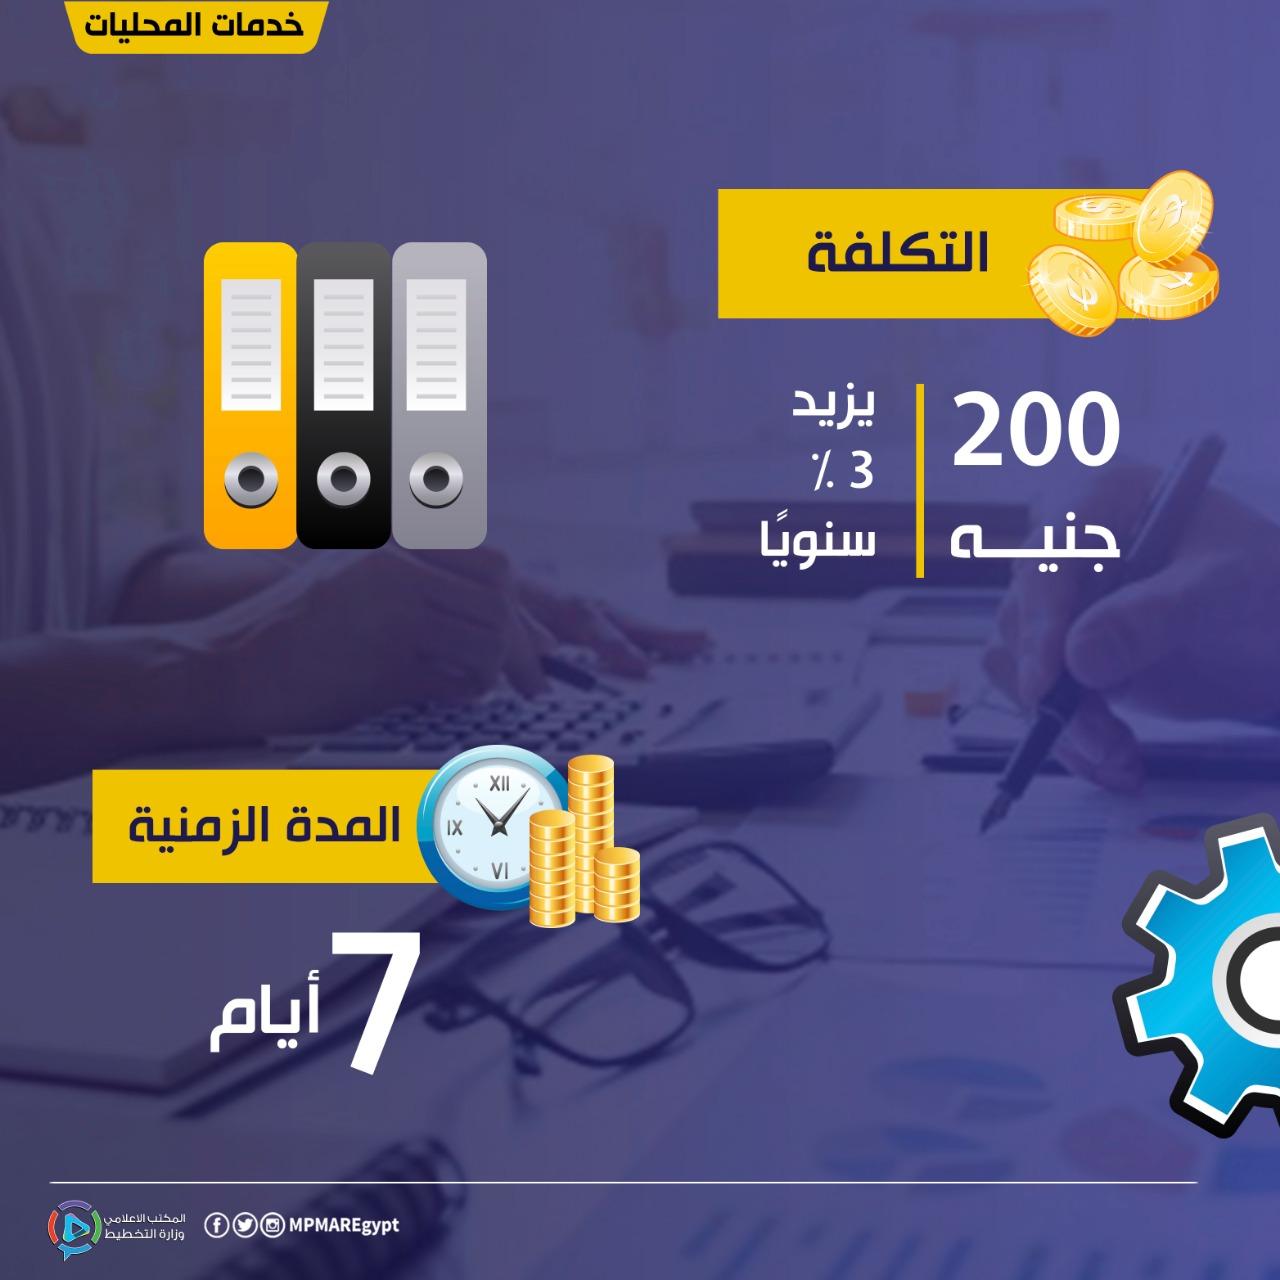 IMG-20191002-WA0023 (1)